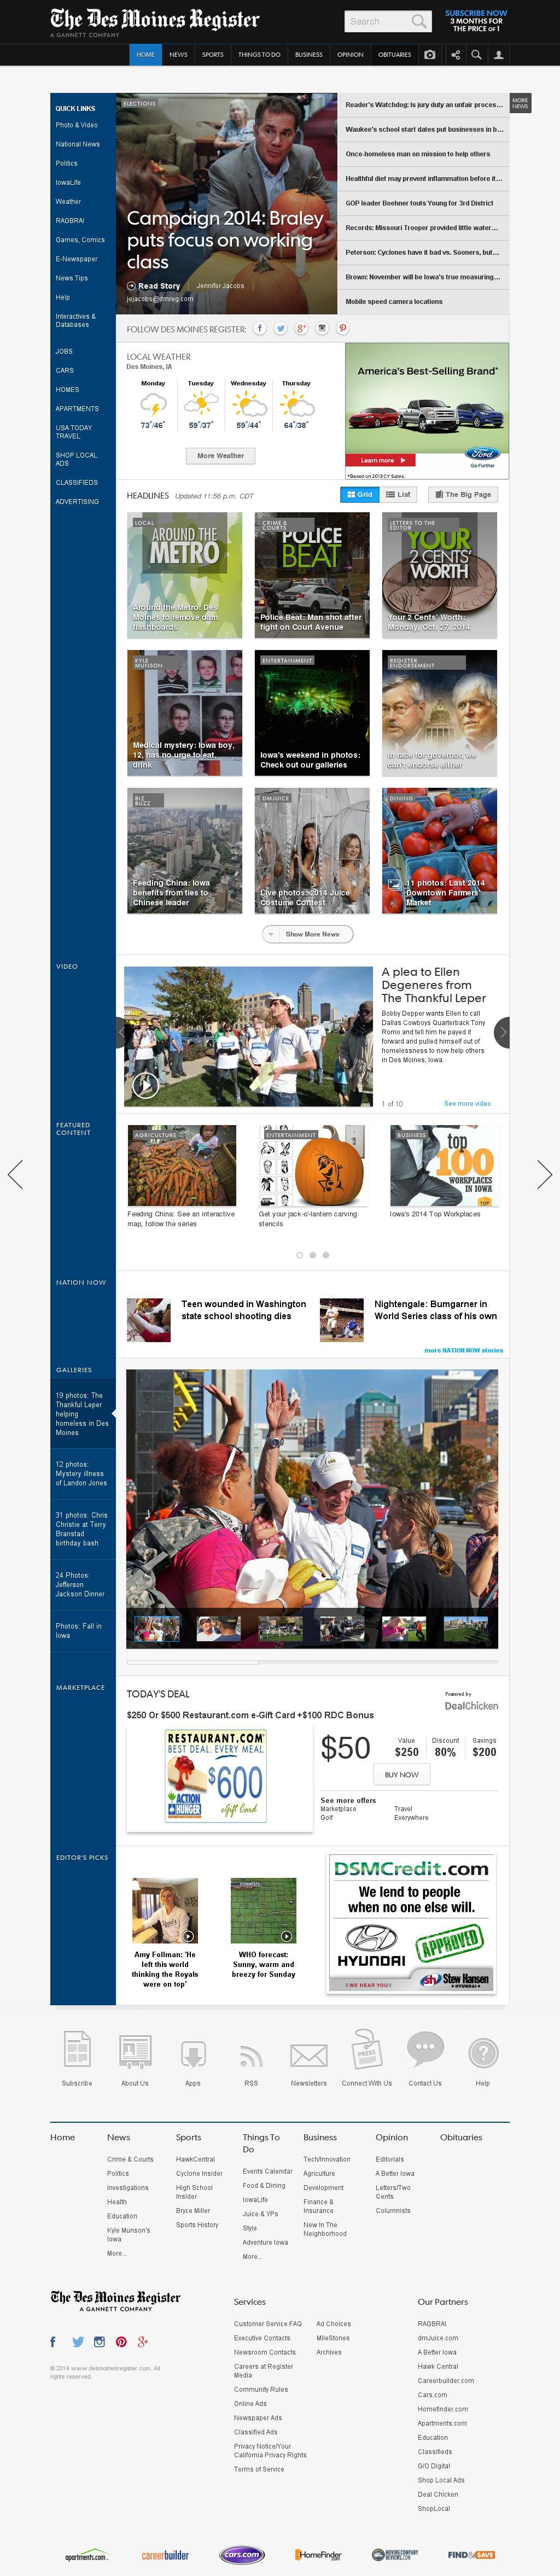 DesMoinesRegister.com at Monday Oct. 27, 2014, 9:03 a.m. UTC